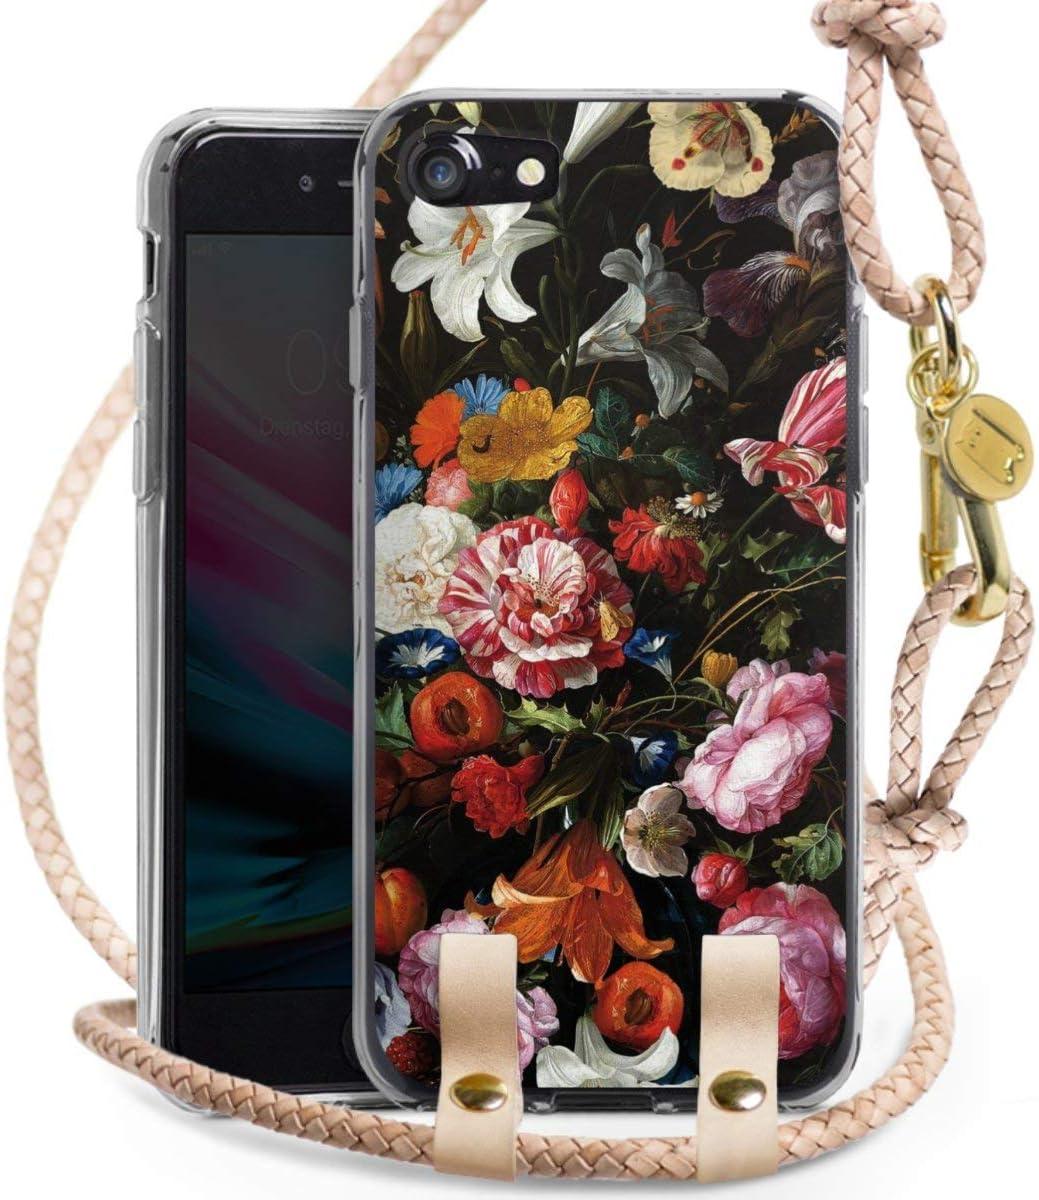 DeinDesign Carry Case kompatibel mit Apple iPhone 8 Handykette Handyh/ülle zum Umh/ängen Pattern Muster Gothic